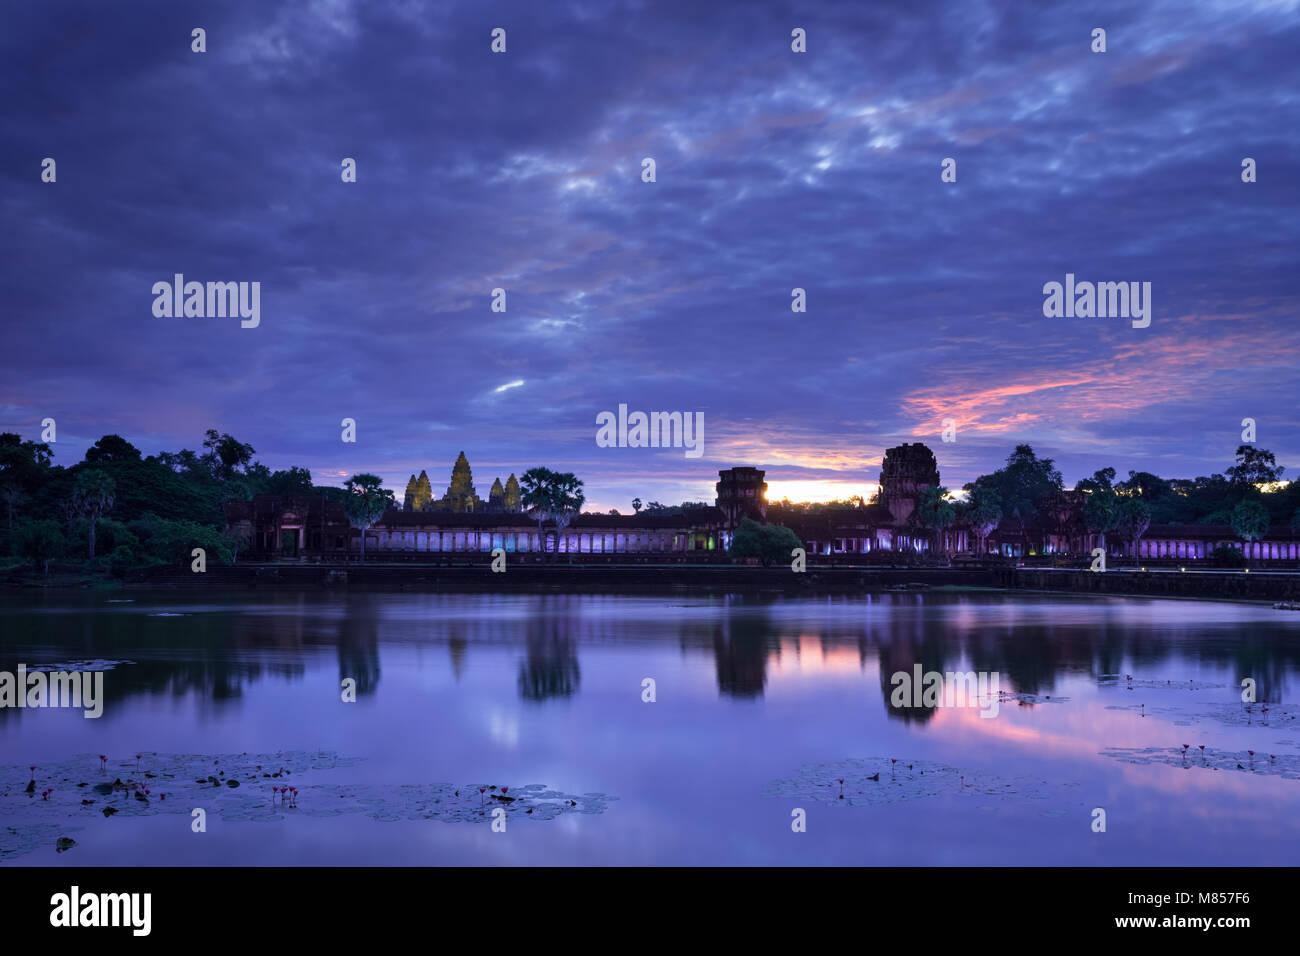 Angkor Wat floodlit at dawn, Cambodia - Stock Image